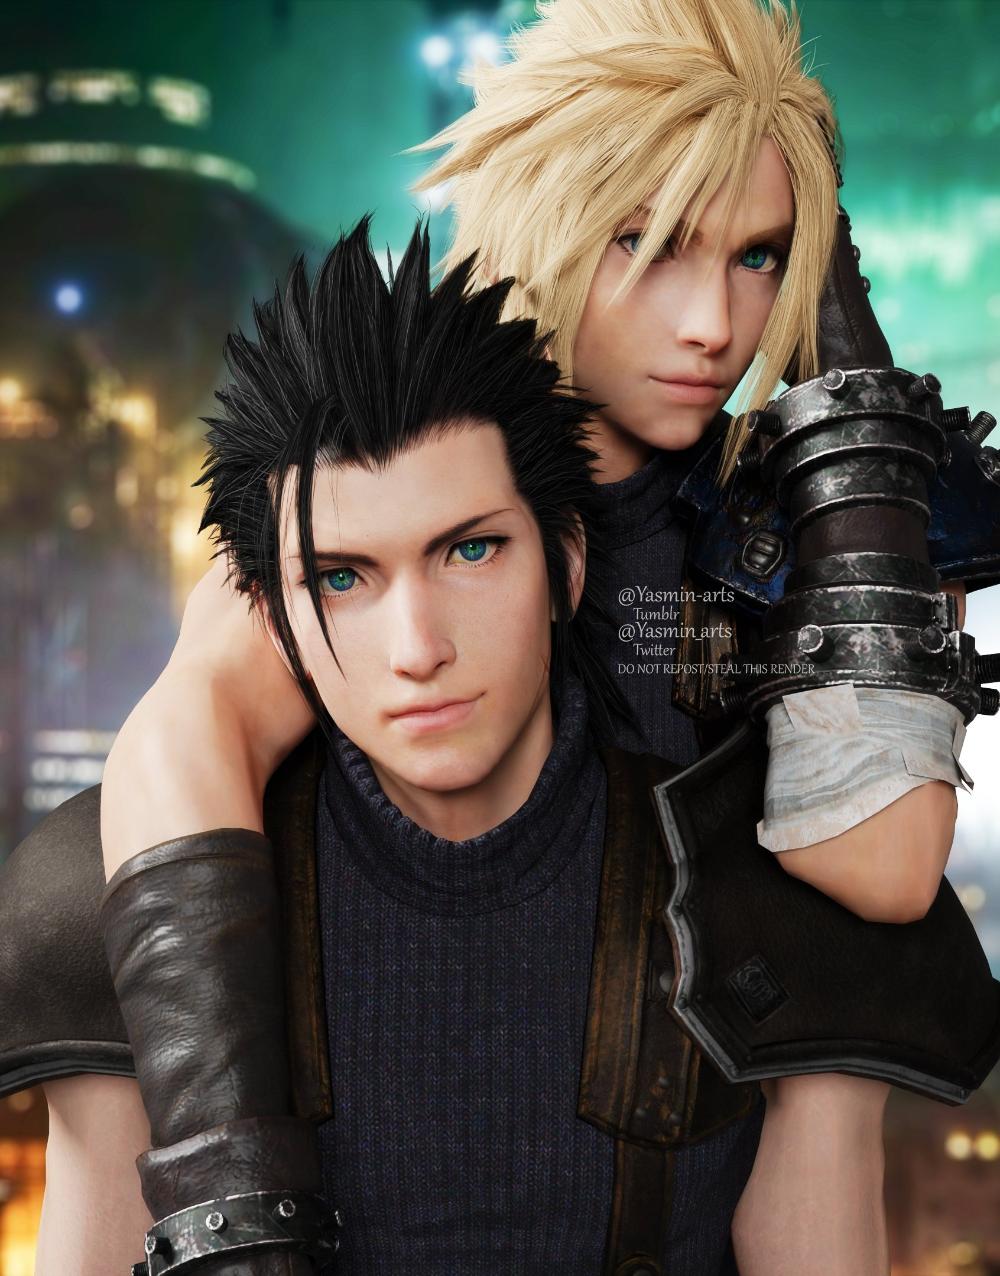 Yasmin On Twitter Zack Fair Final Fantasy Vii Remake Yasmin